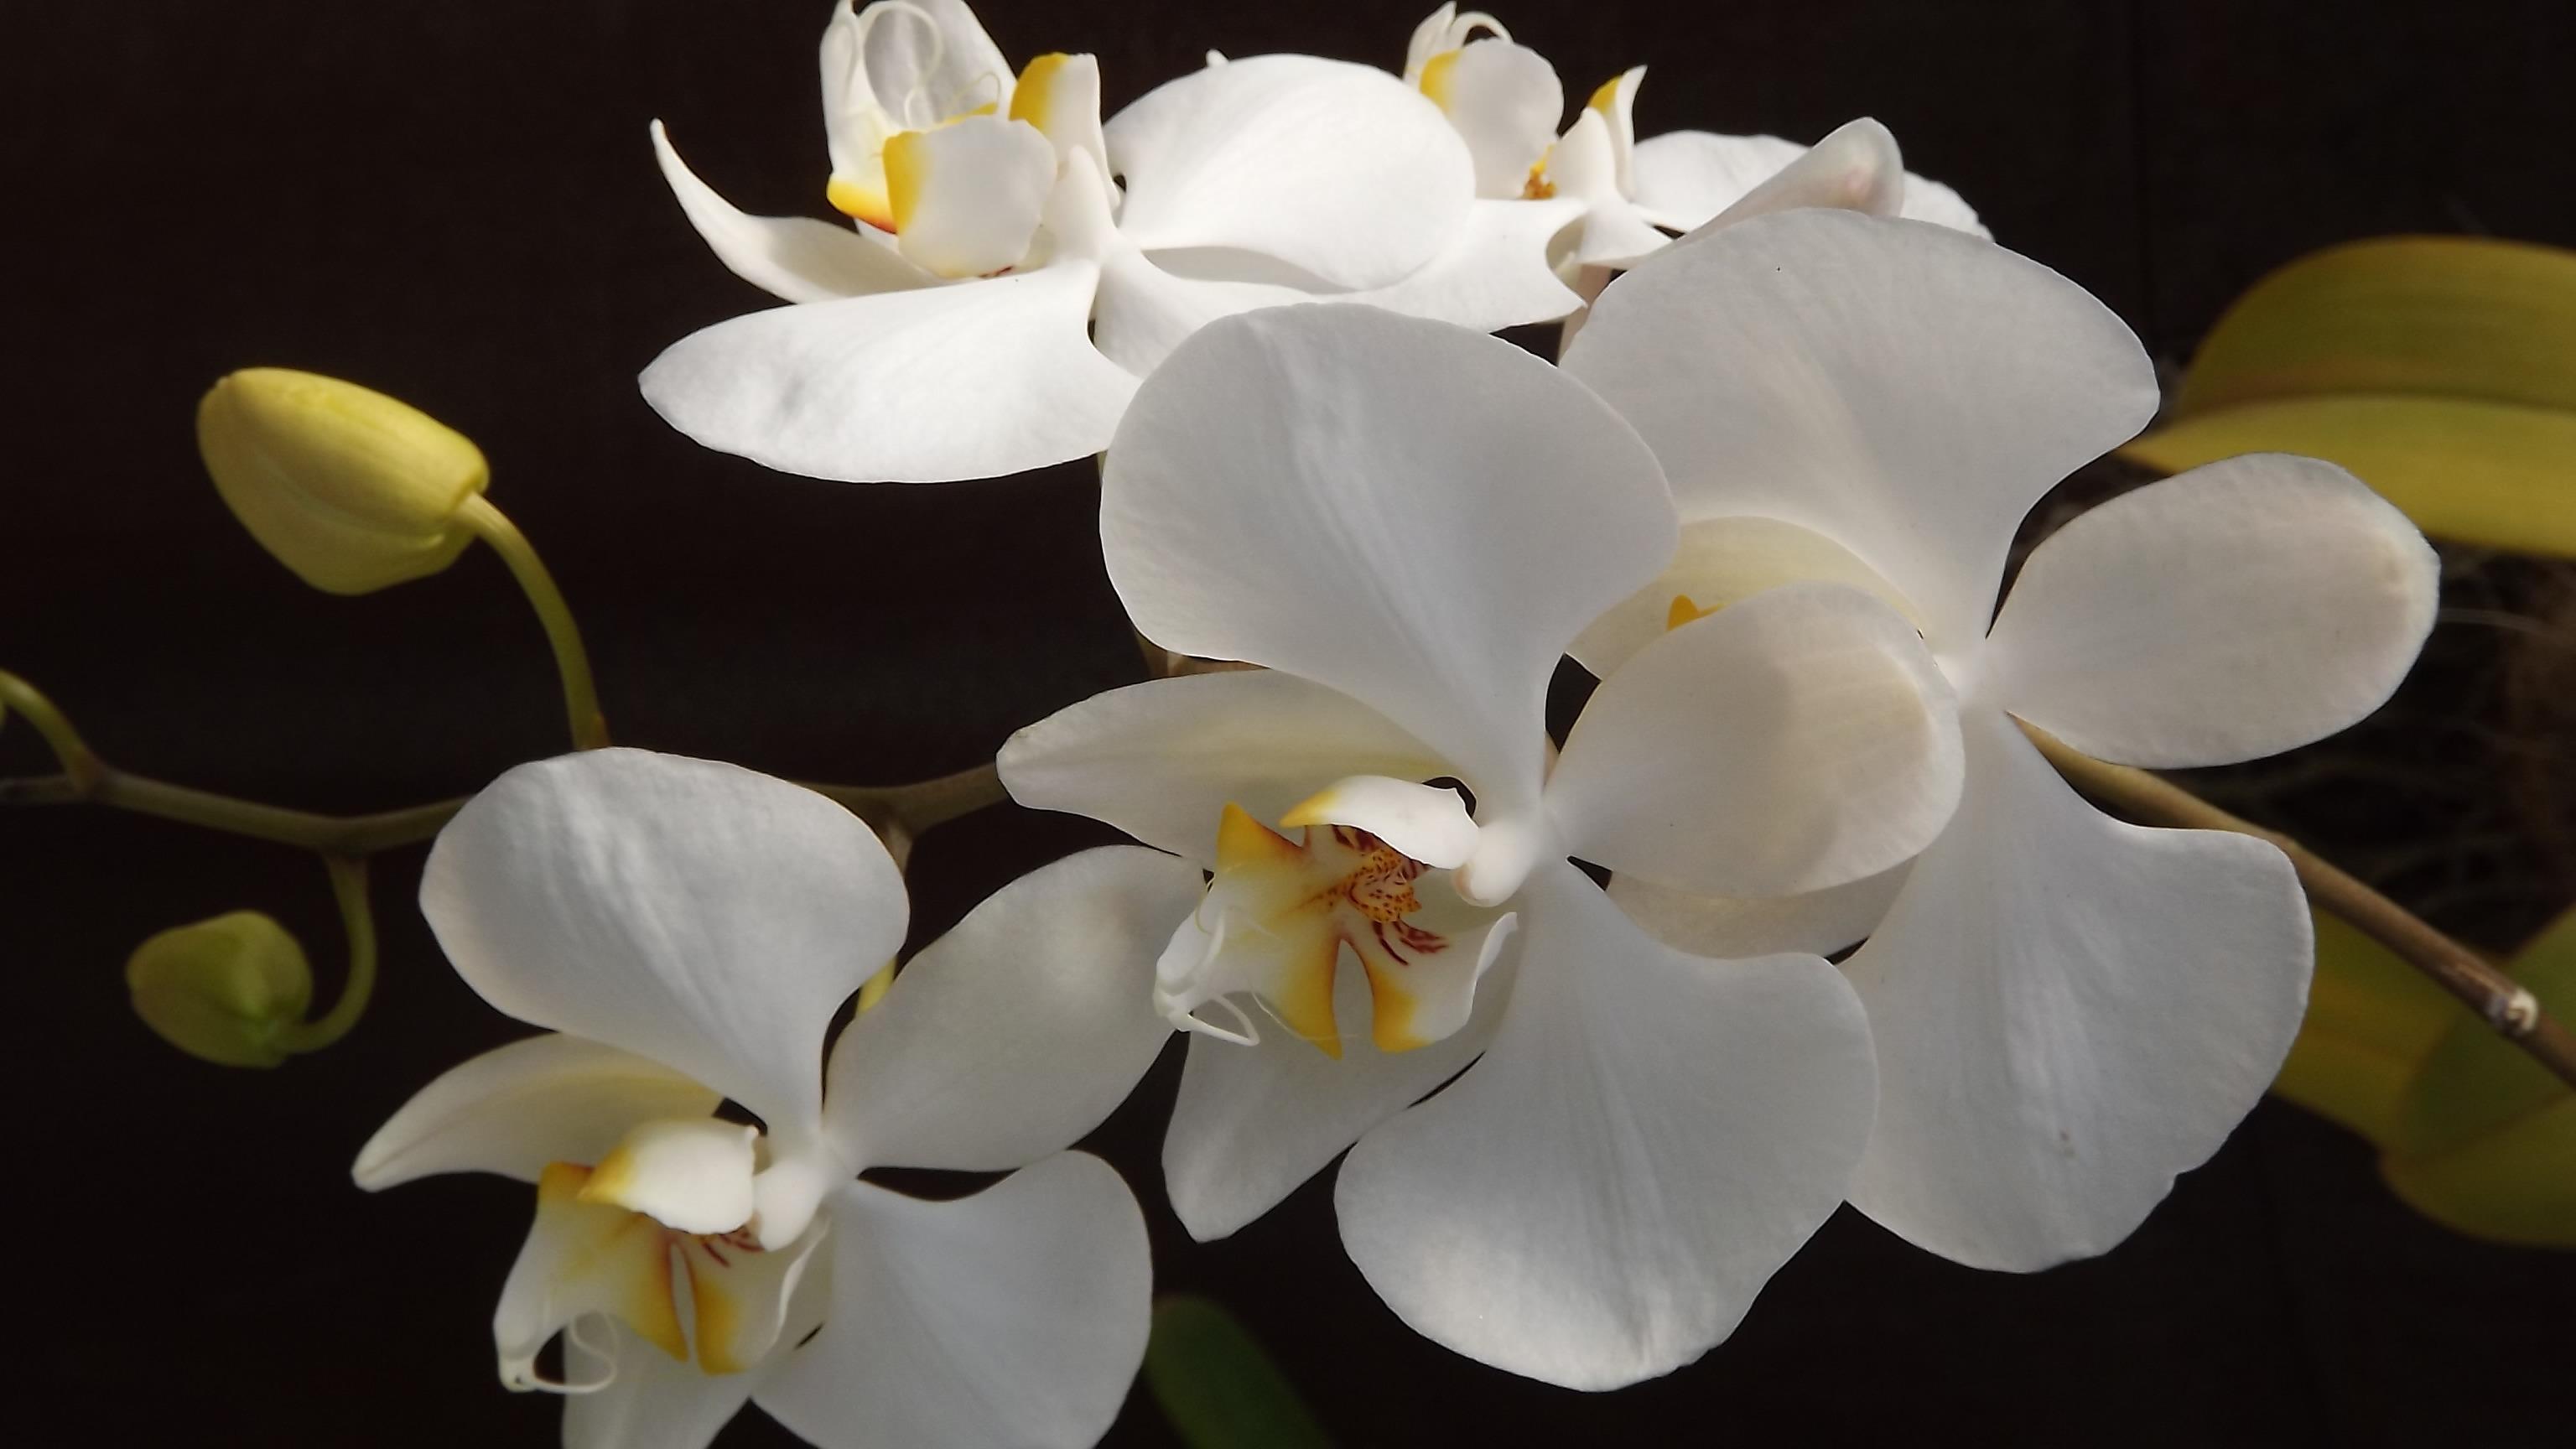 Kostenlose Foto Blühen Weiß Blume Blütenblatt Liebe